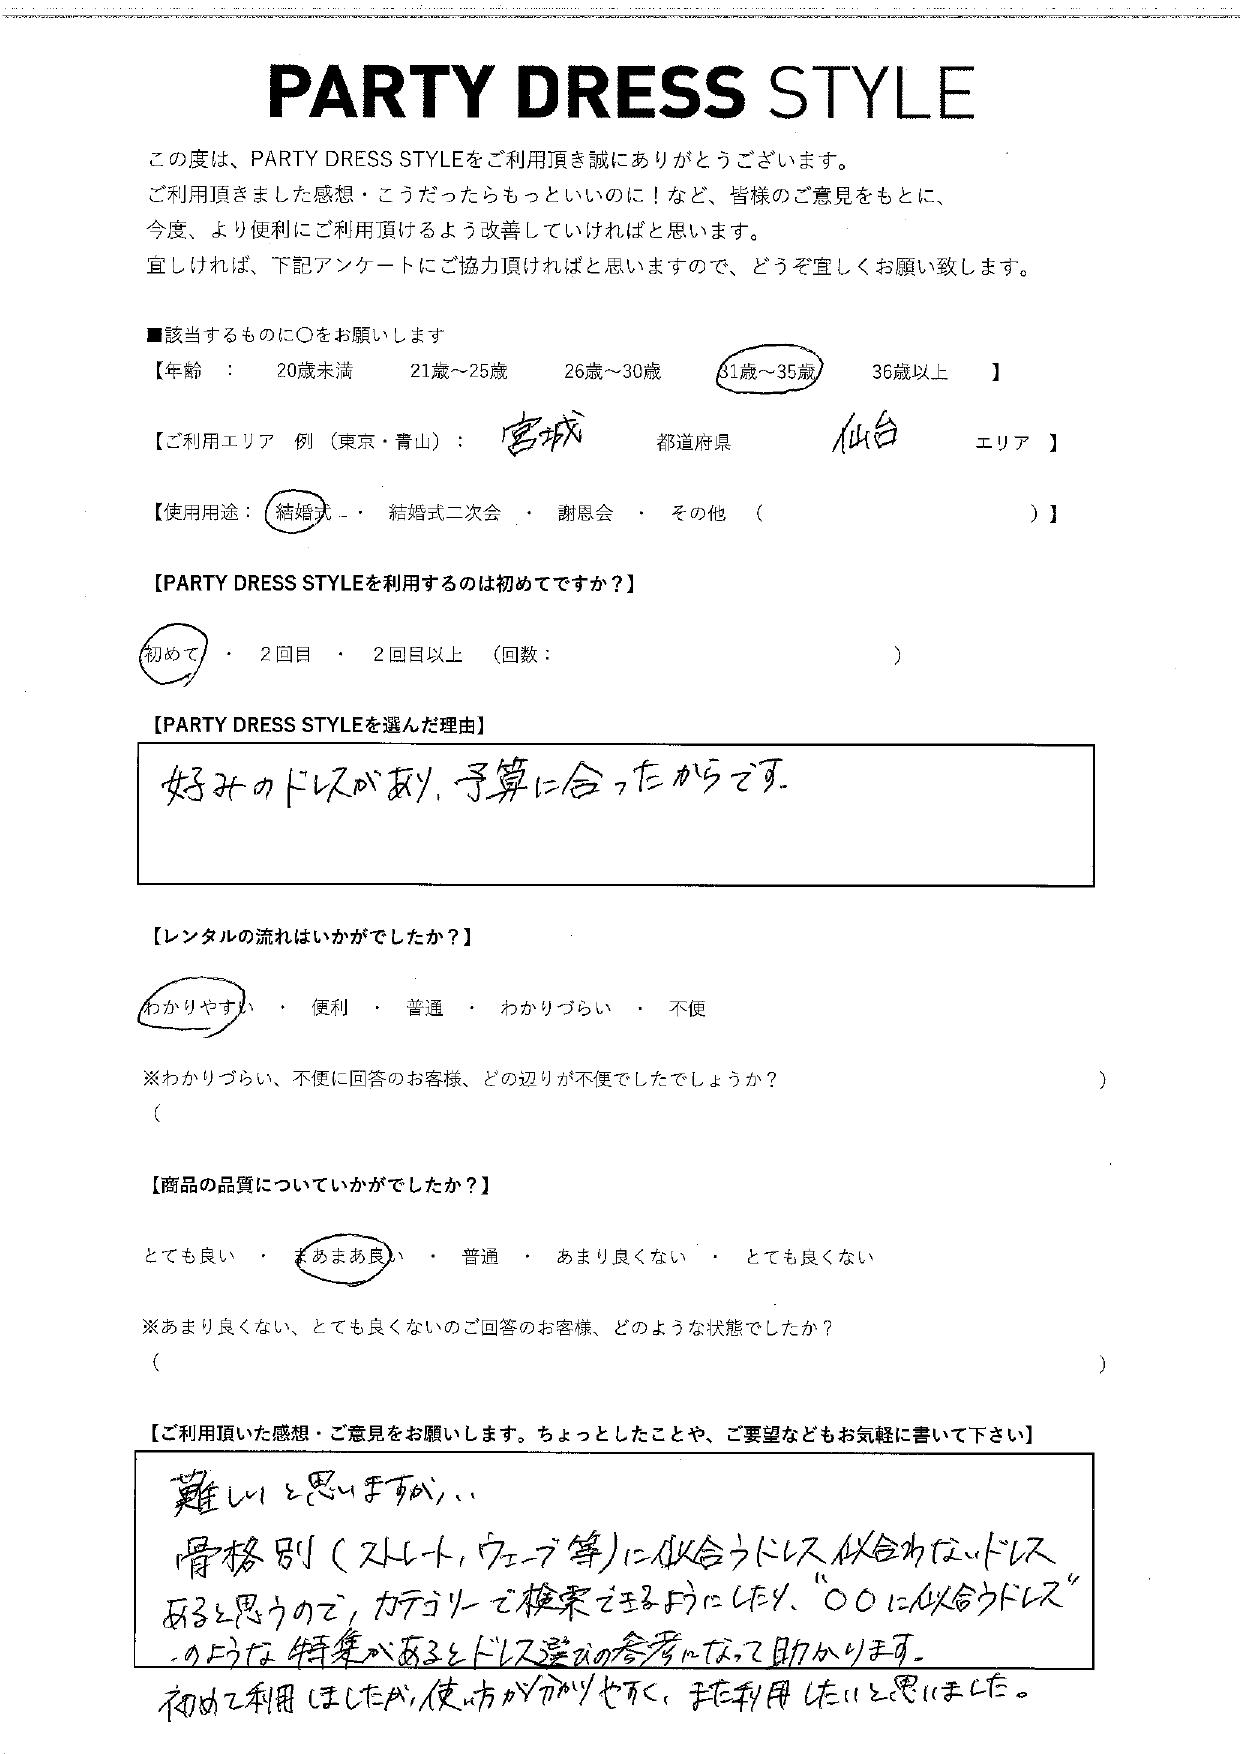 8/21結婚式ご利用 宮城・仙台エリア